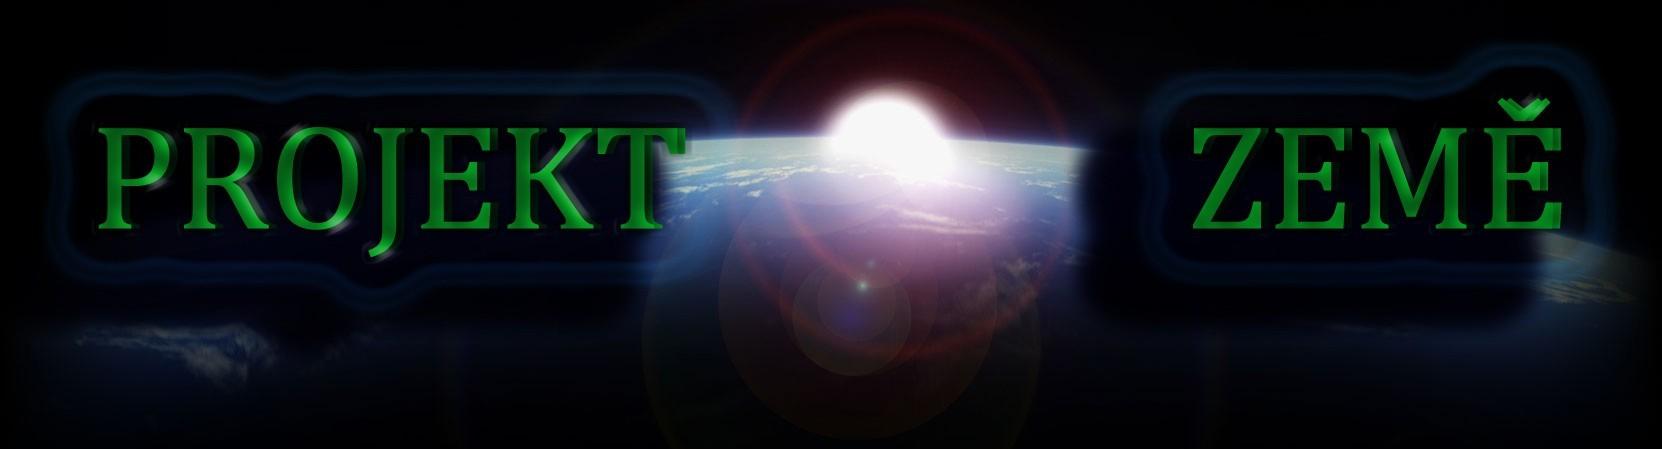 Projekt Zeme